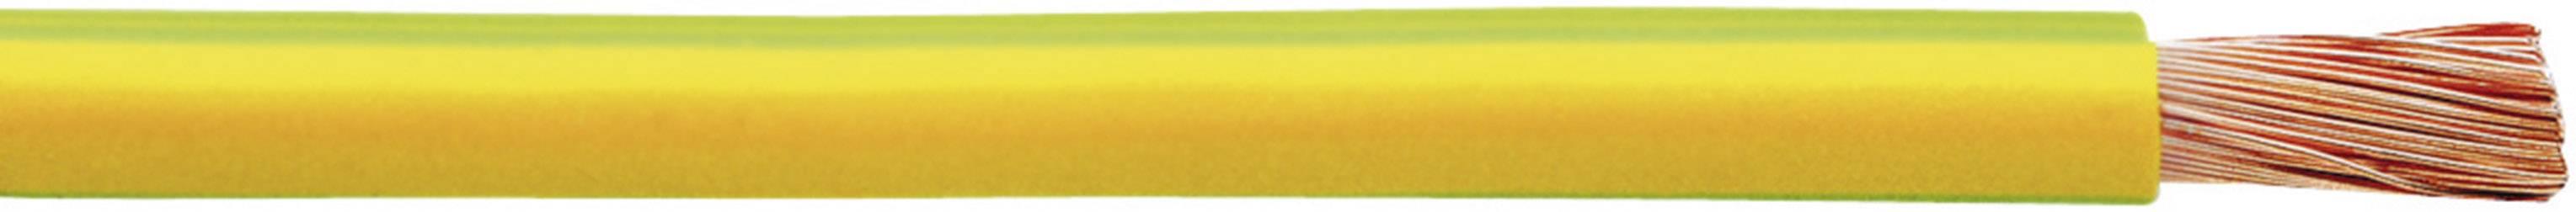 Opletenie / lanko Faber Kabel 040060 H07V-K, 1 x 25 mm², vonkajší Ø 8.50 mm, metrový tovar, zelenožltá